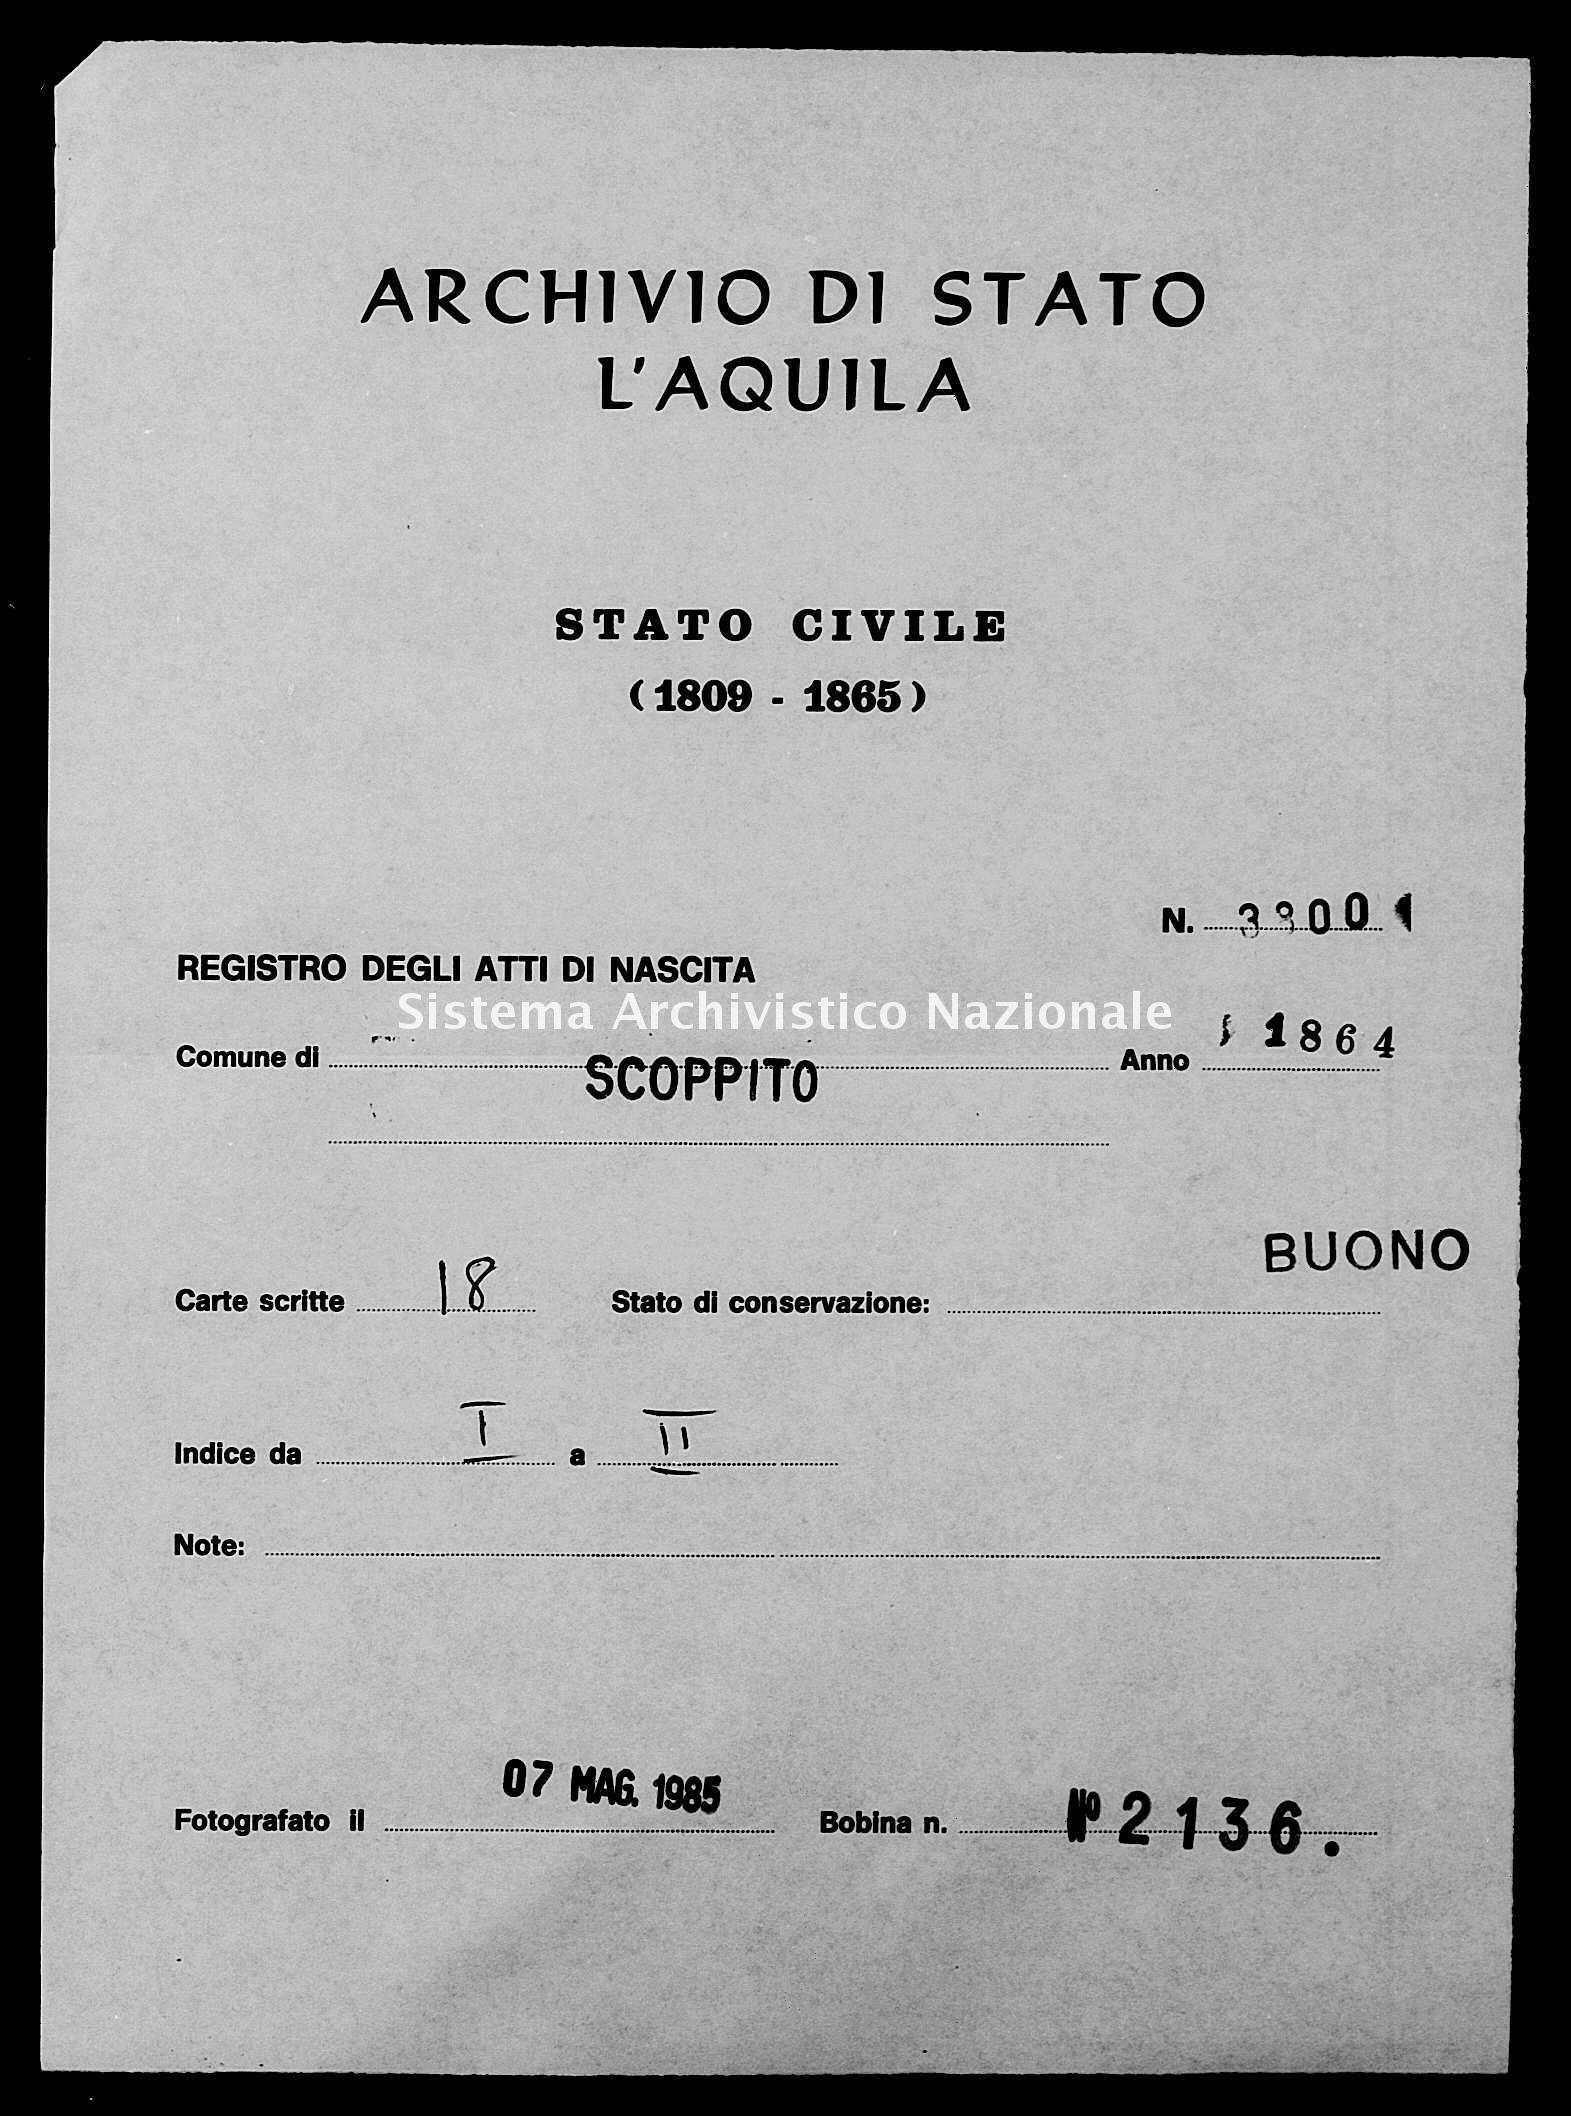 Archivio di stato di L'aquila - Stato civile italiano - Scoppito - Nati - 1864 - 3800 -